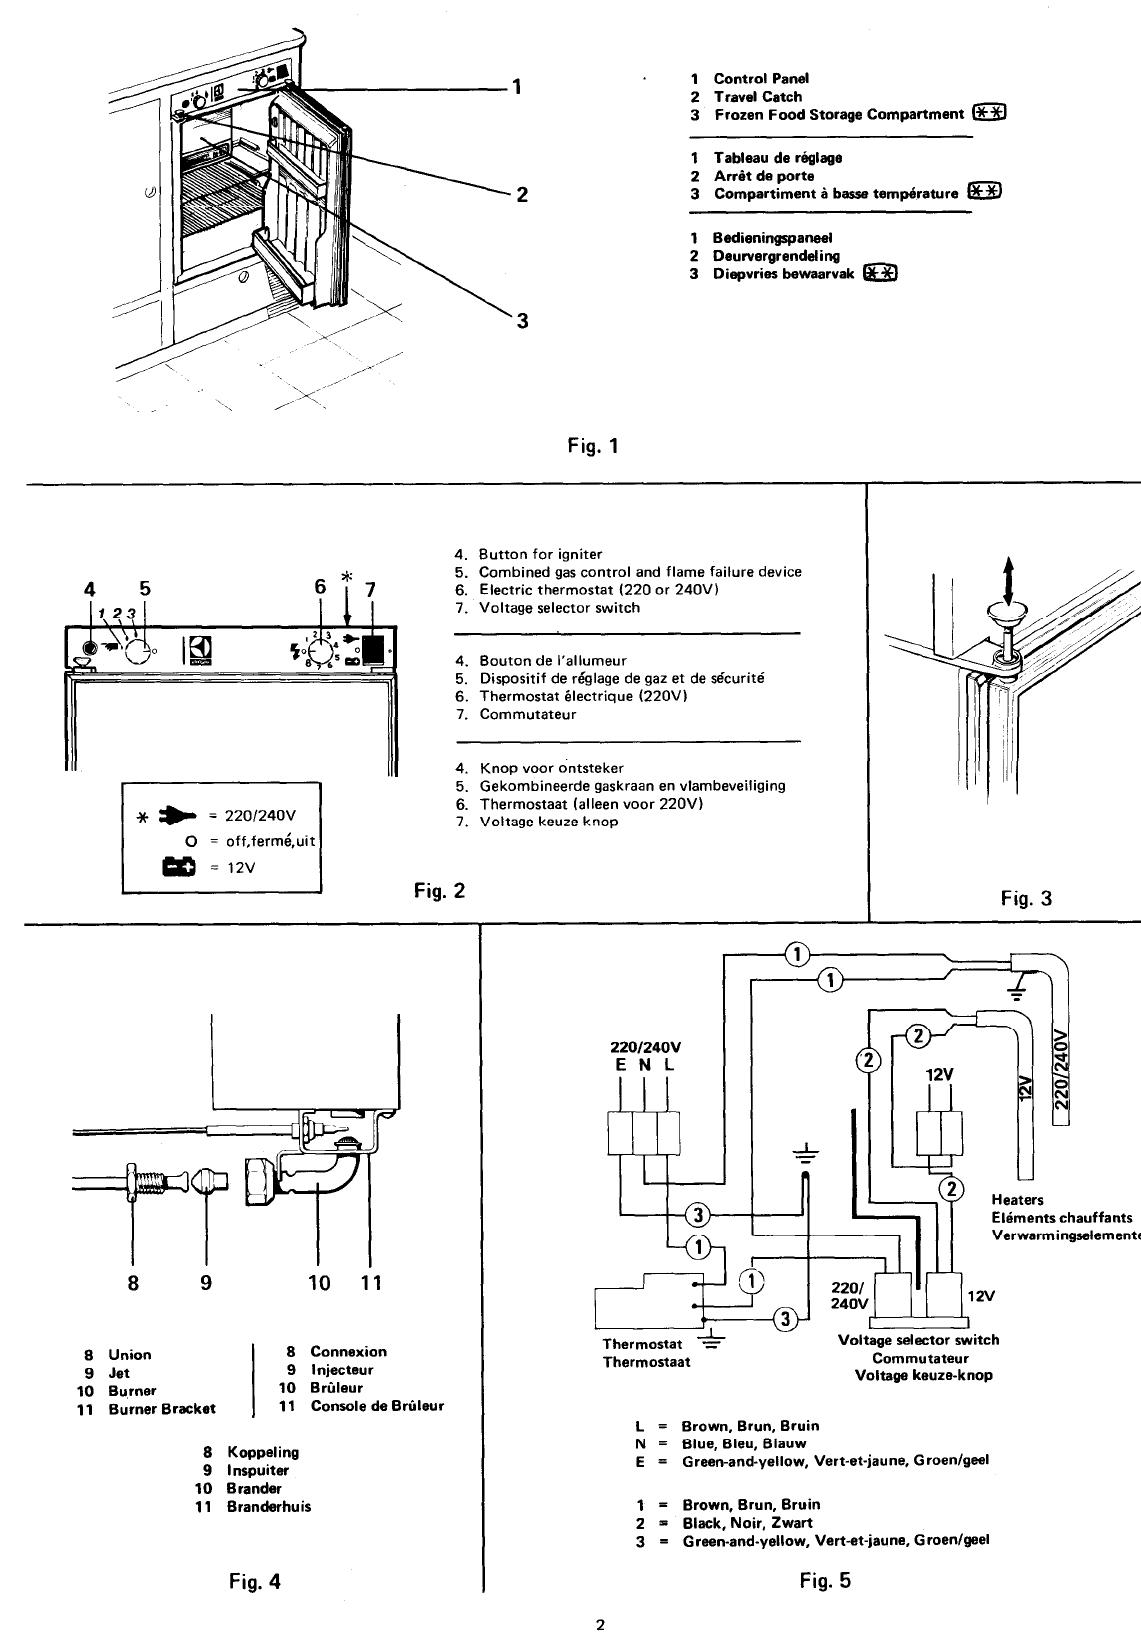 Diagram  Mod Wiring Electrolux Diagram Frc05lsdwo Full